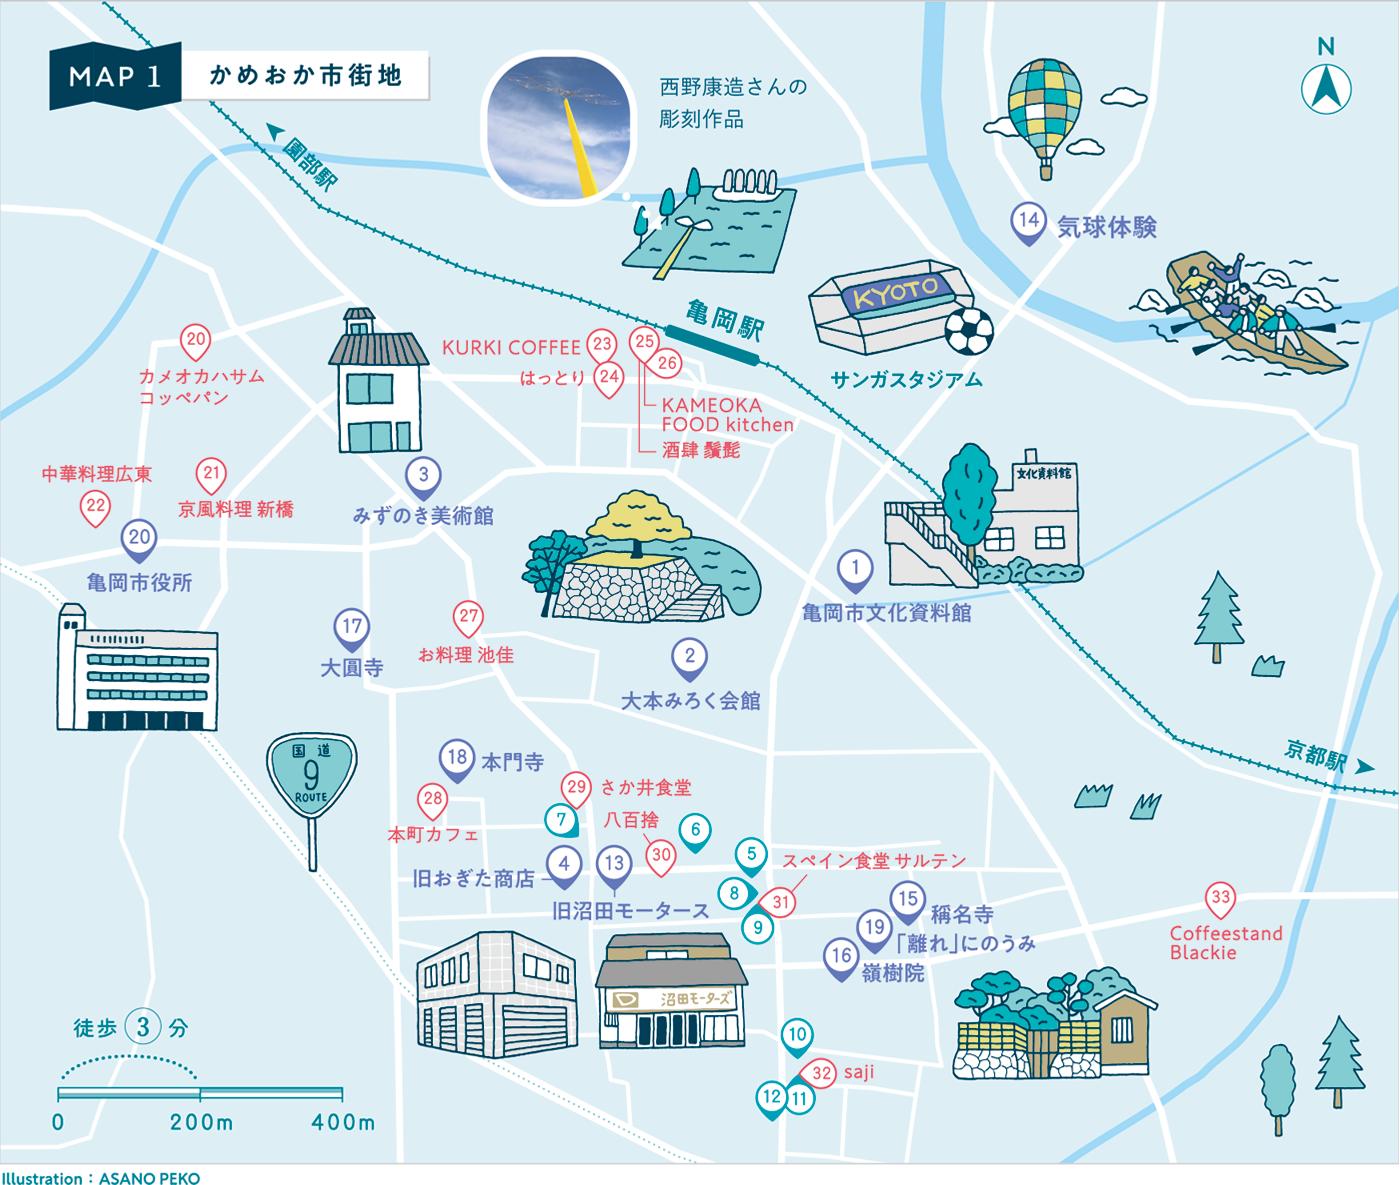 MAP1 かめおか市街地